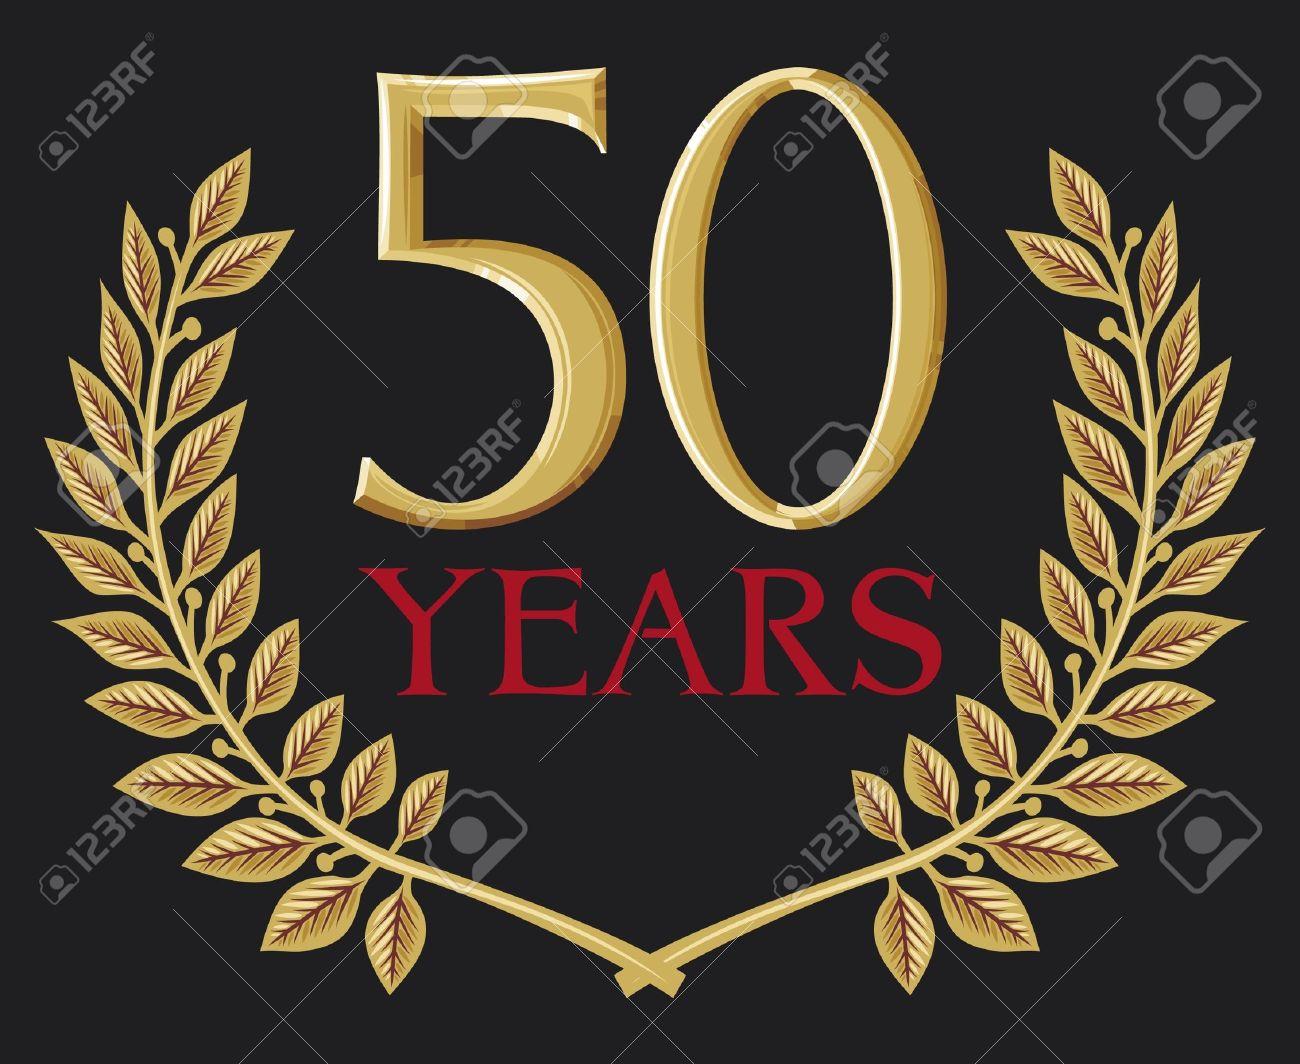 golden laurel wreath 50 years (50 years anniversary, jubilee) Stock Vector - 15932904